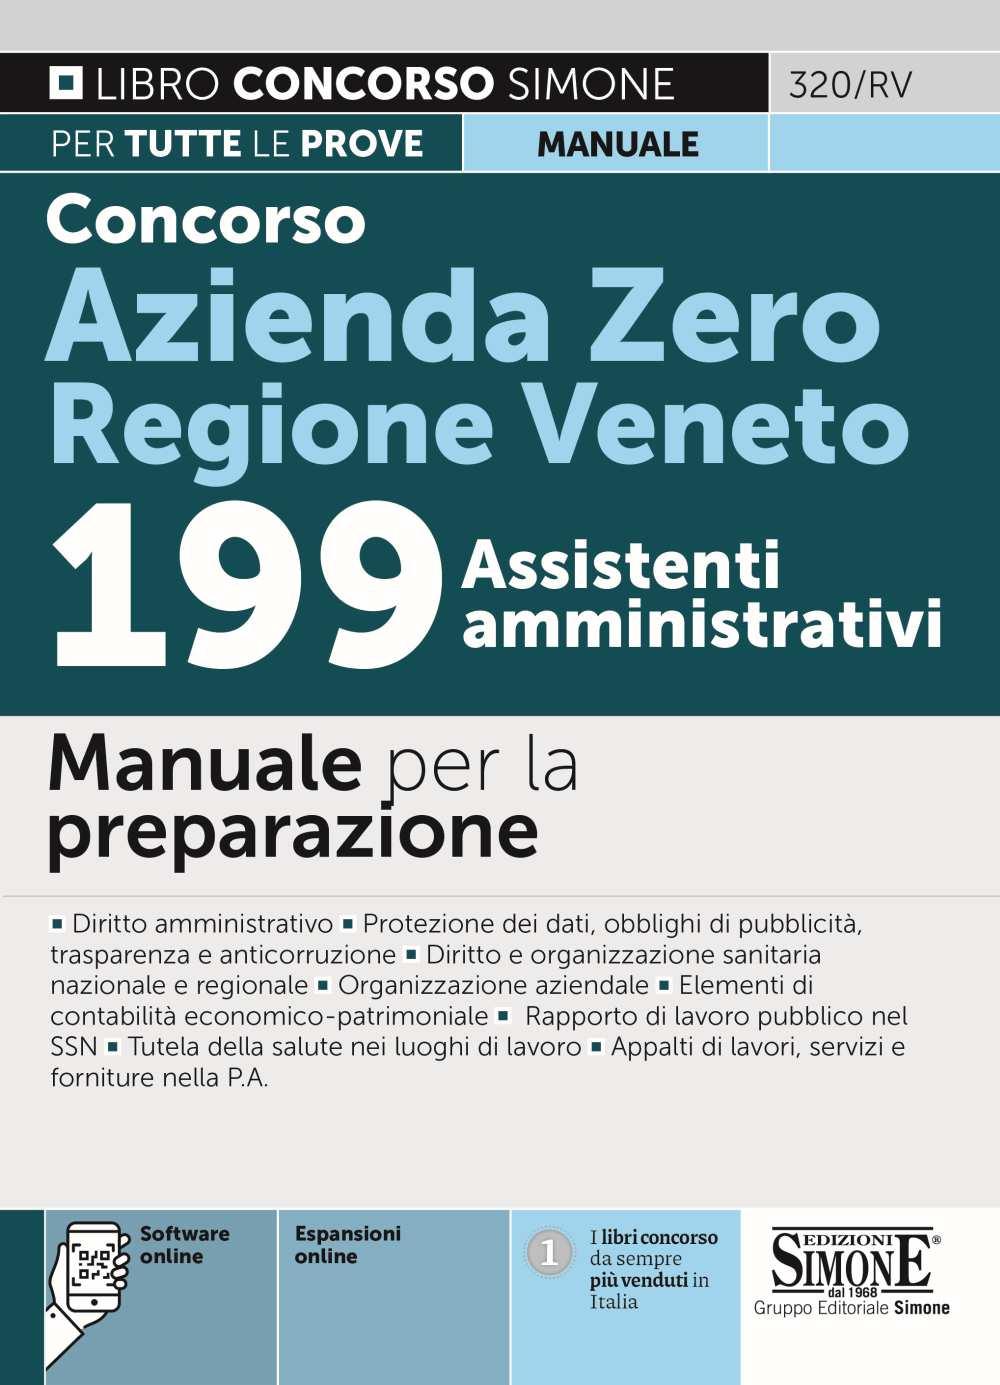 Concorso 199 Assistenti amministrativi Venet